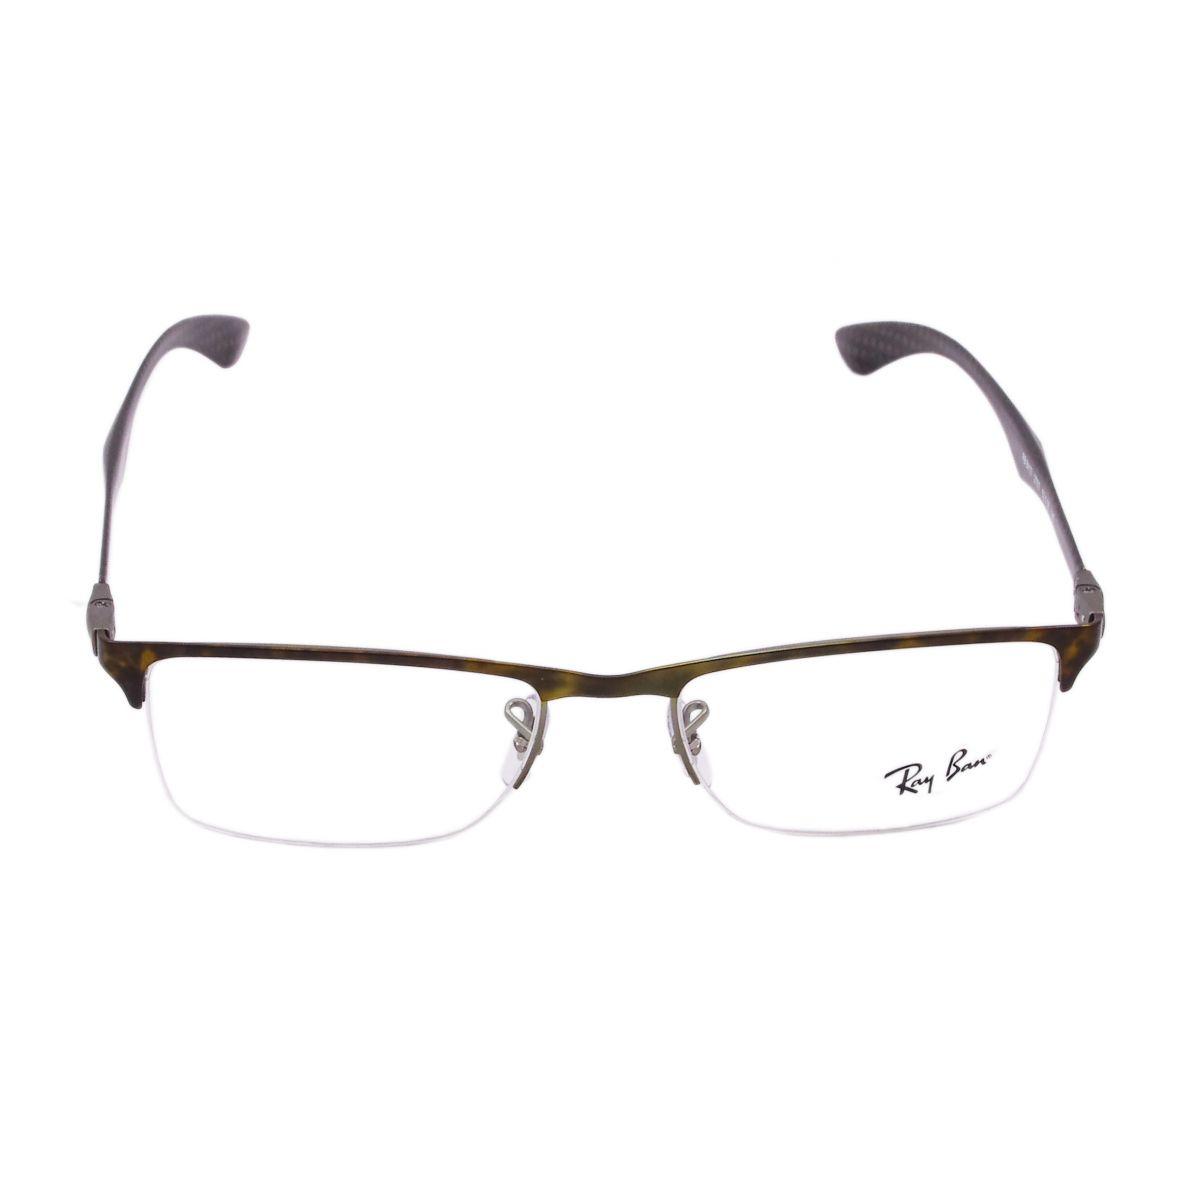 cdbab1a0b Preço Oculos De Grau Ray Ban | Louisiana Bucket Brigade